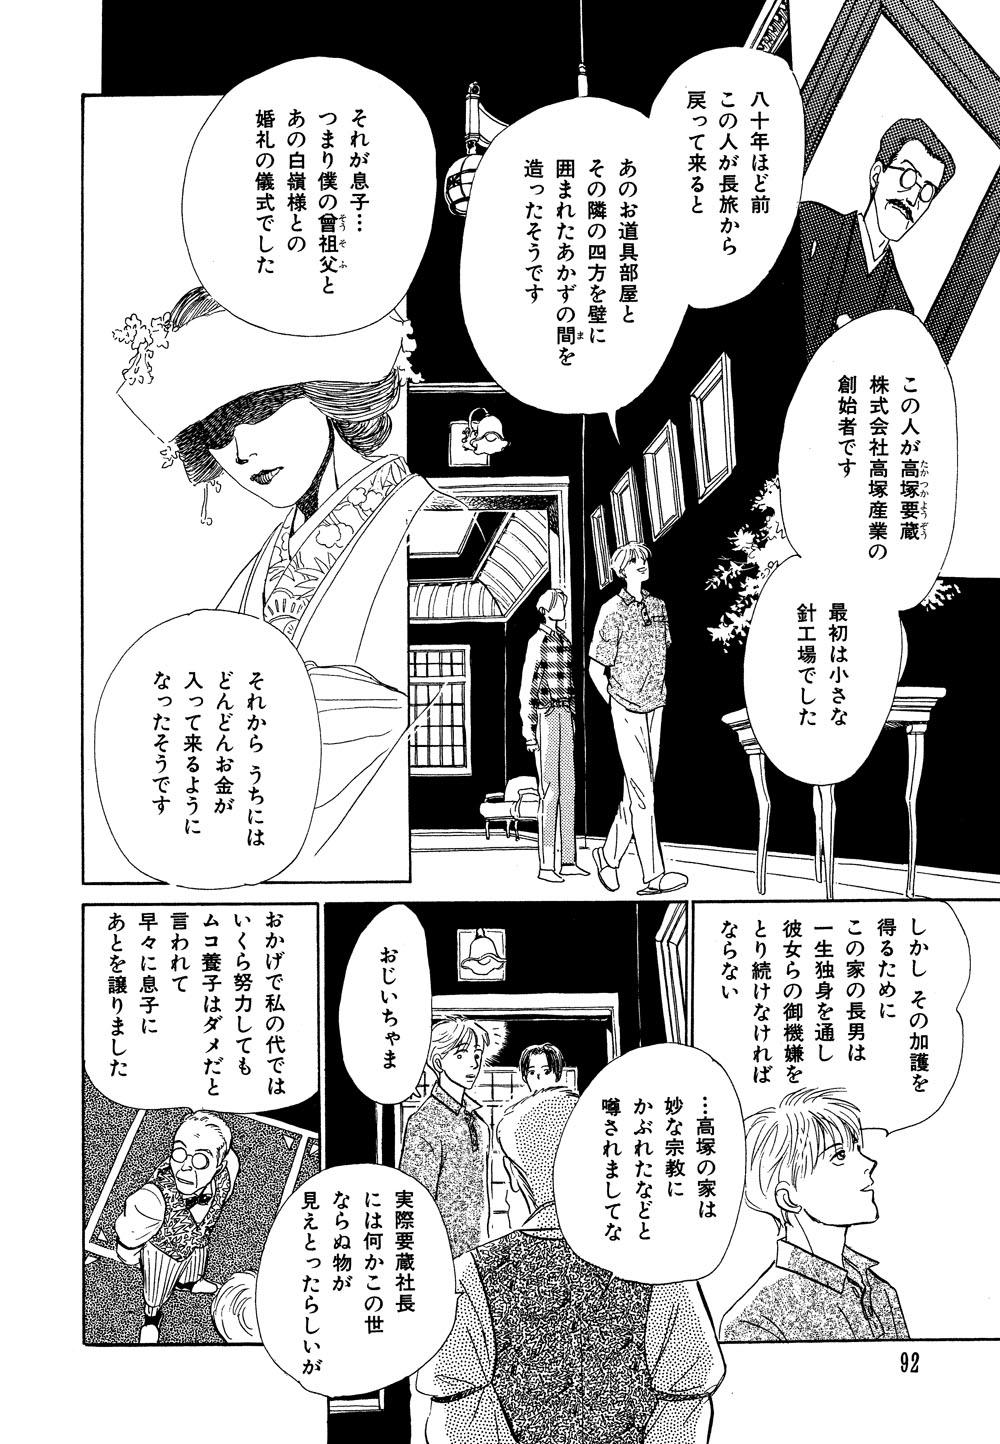 百鬼夜行抄_03_0096.jpg